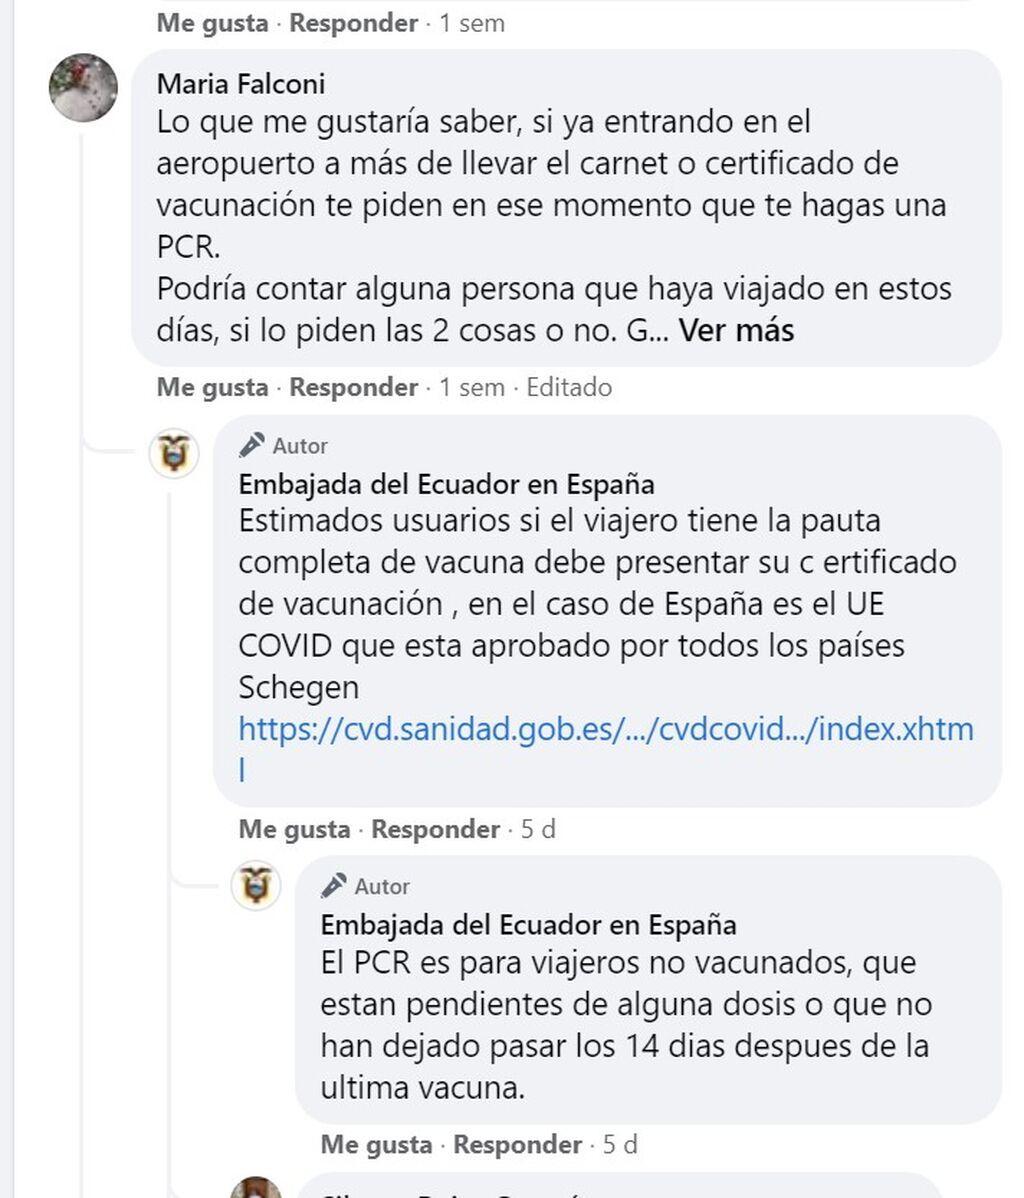 La embajada de Ecuador en España aclara los requisitos para viajar en Facebook